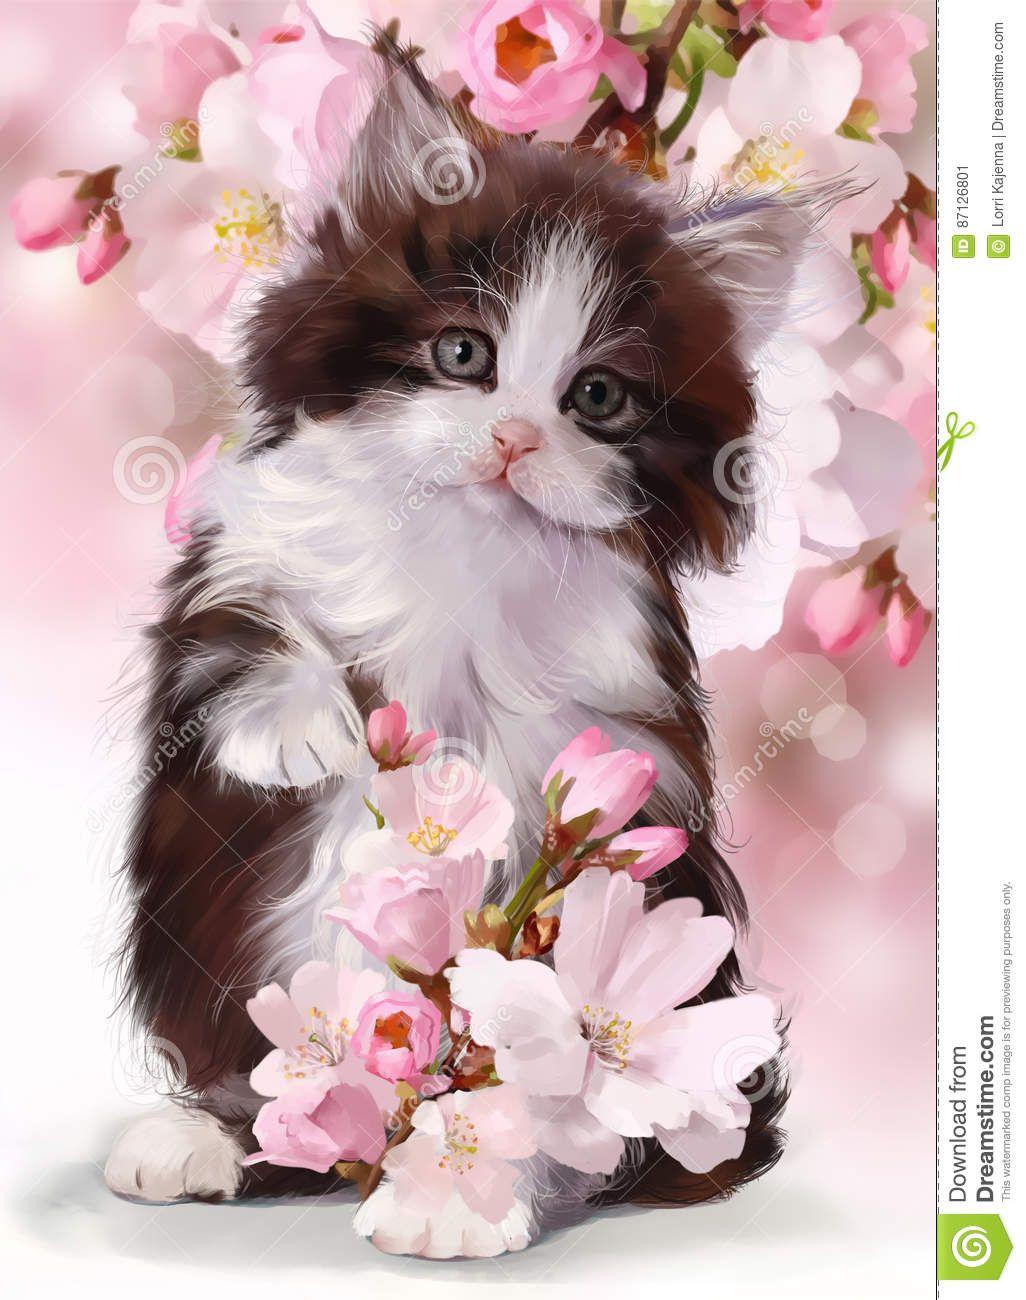 Image Result For Images Of Kitten Painting Gattini Piccoli Gattini Disegni Di Gatti